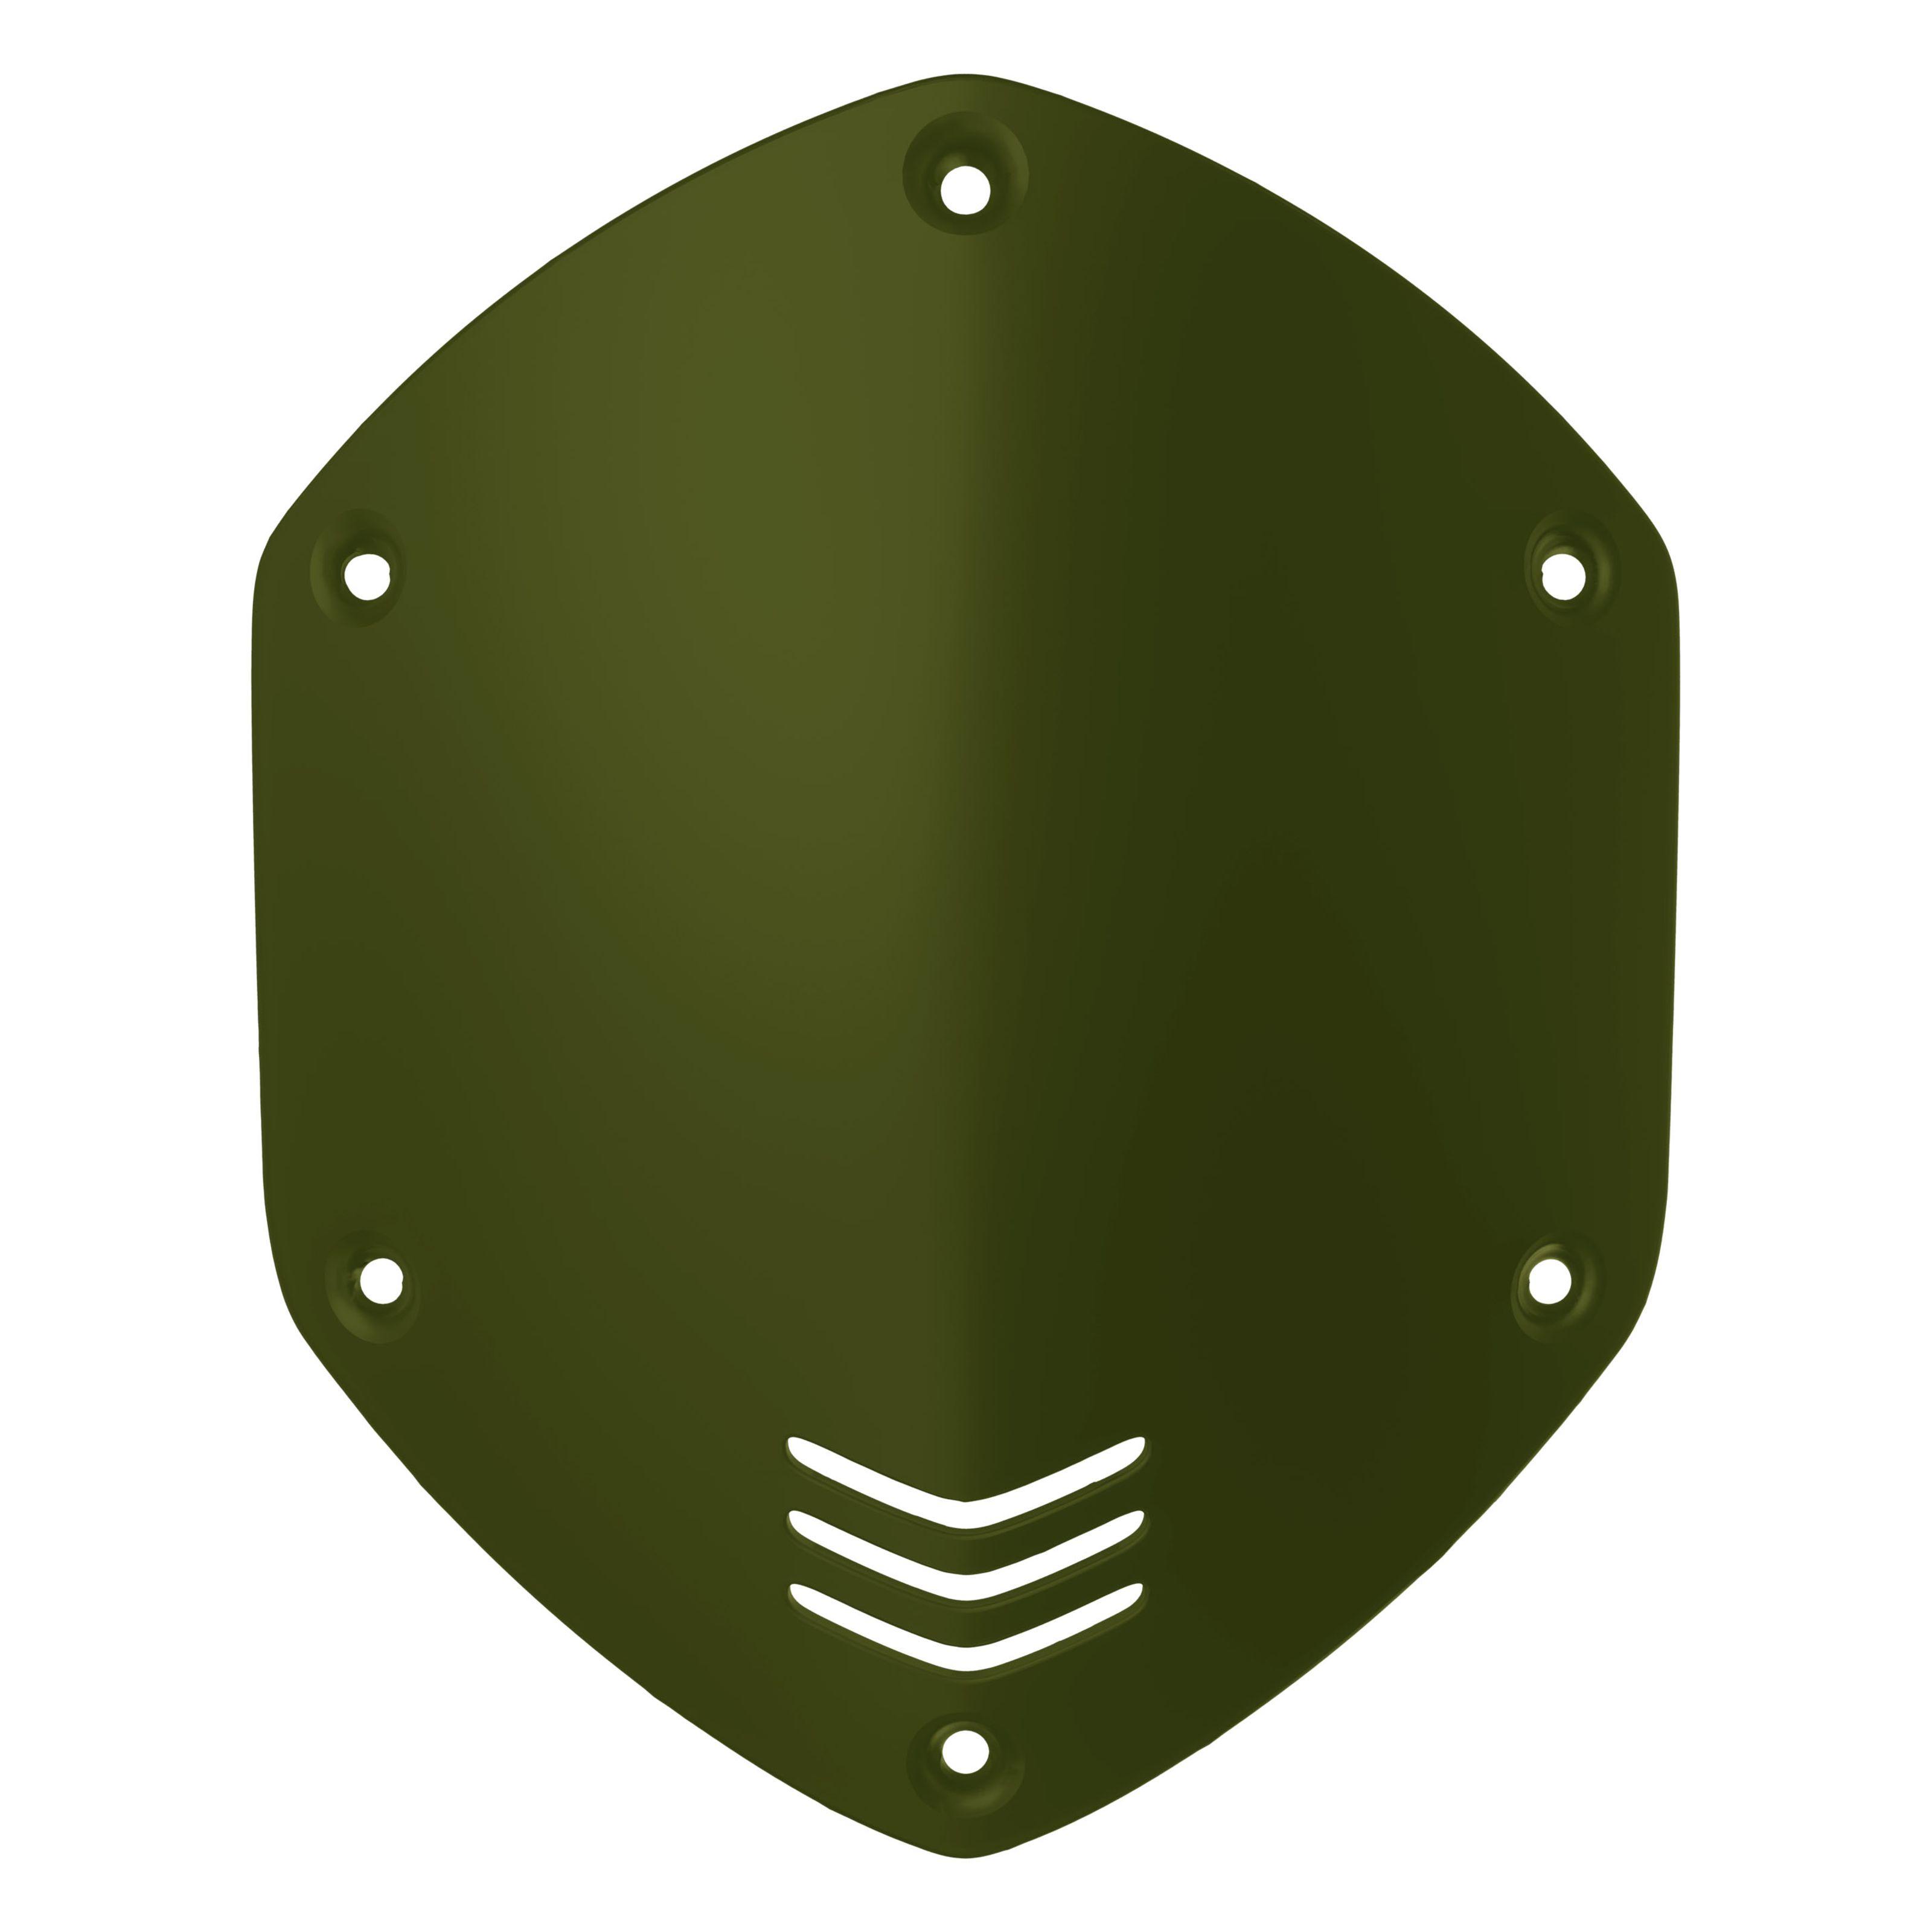 V-Moda - Shield Kit M-100/LP2 (Over-Ear) matte green OVIT-MGN